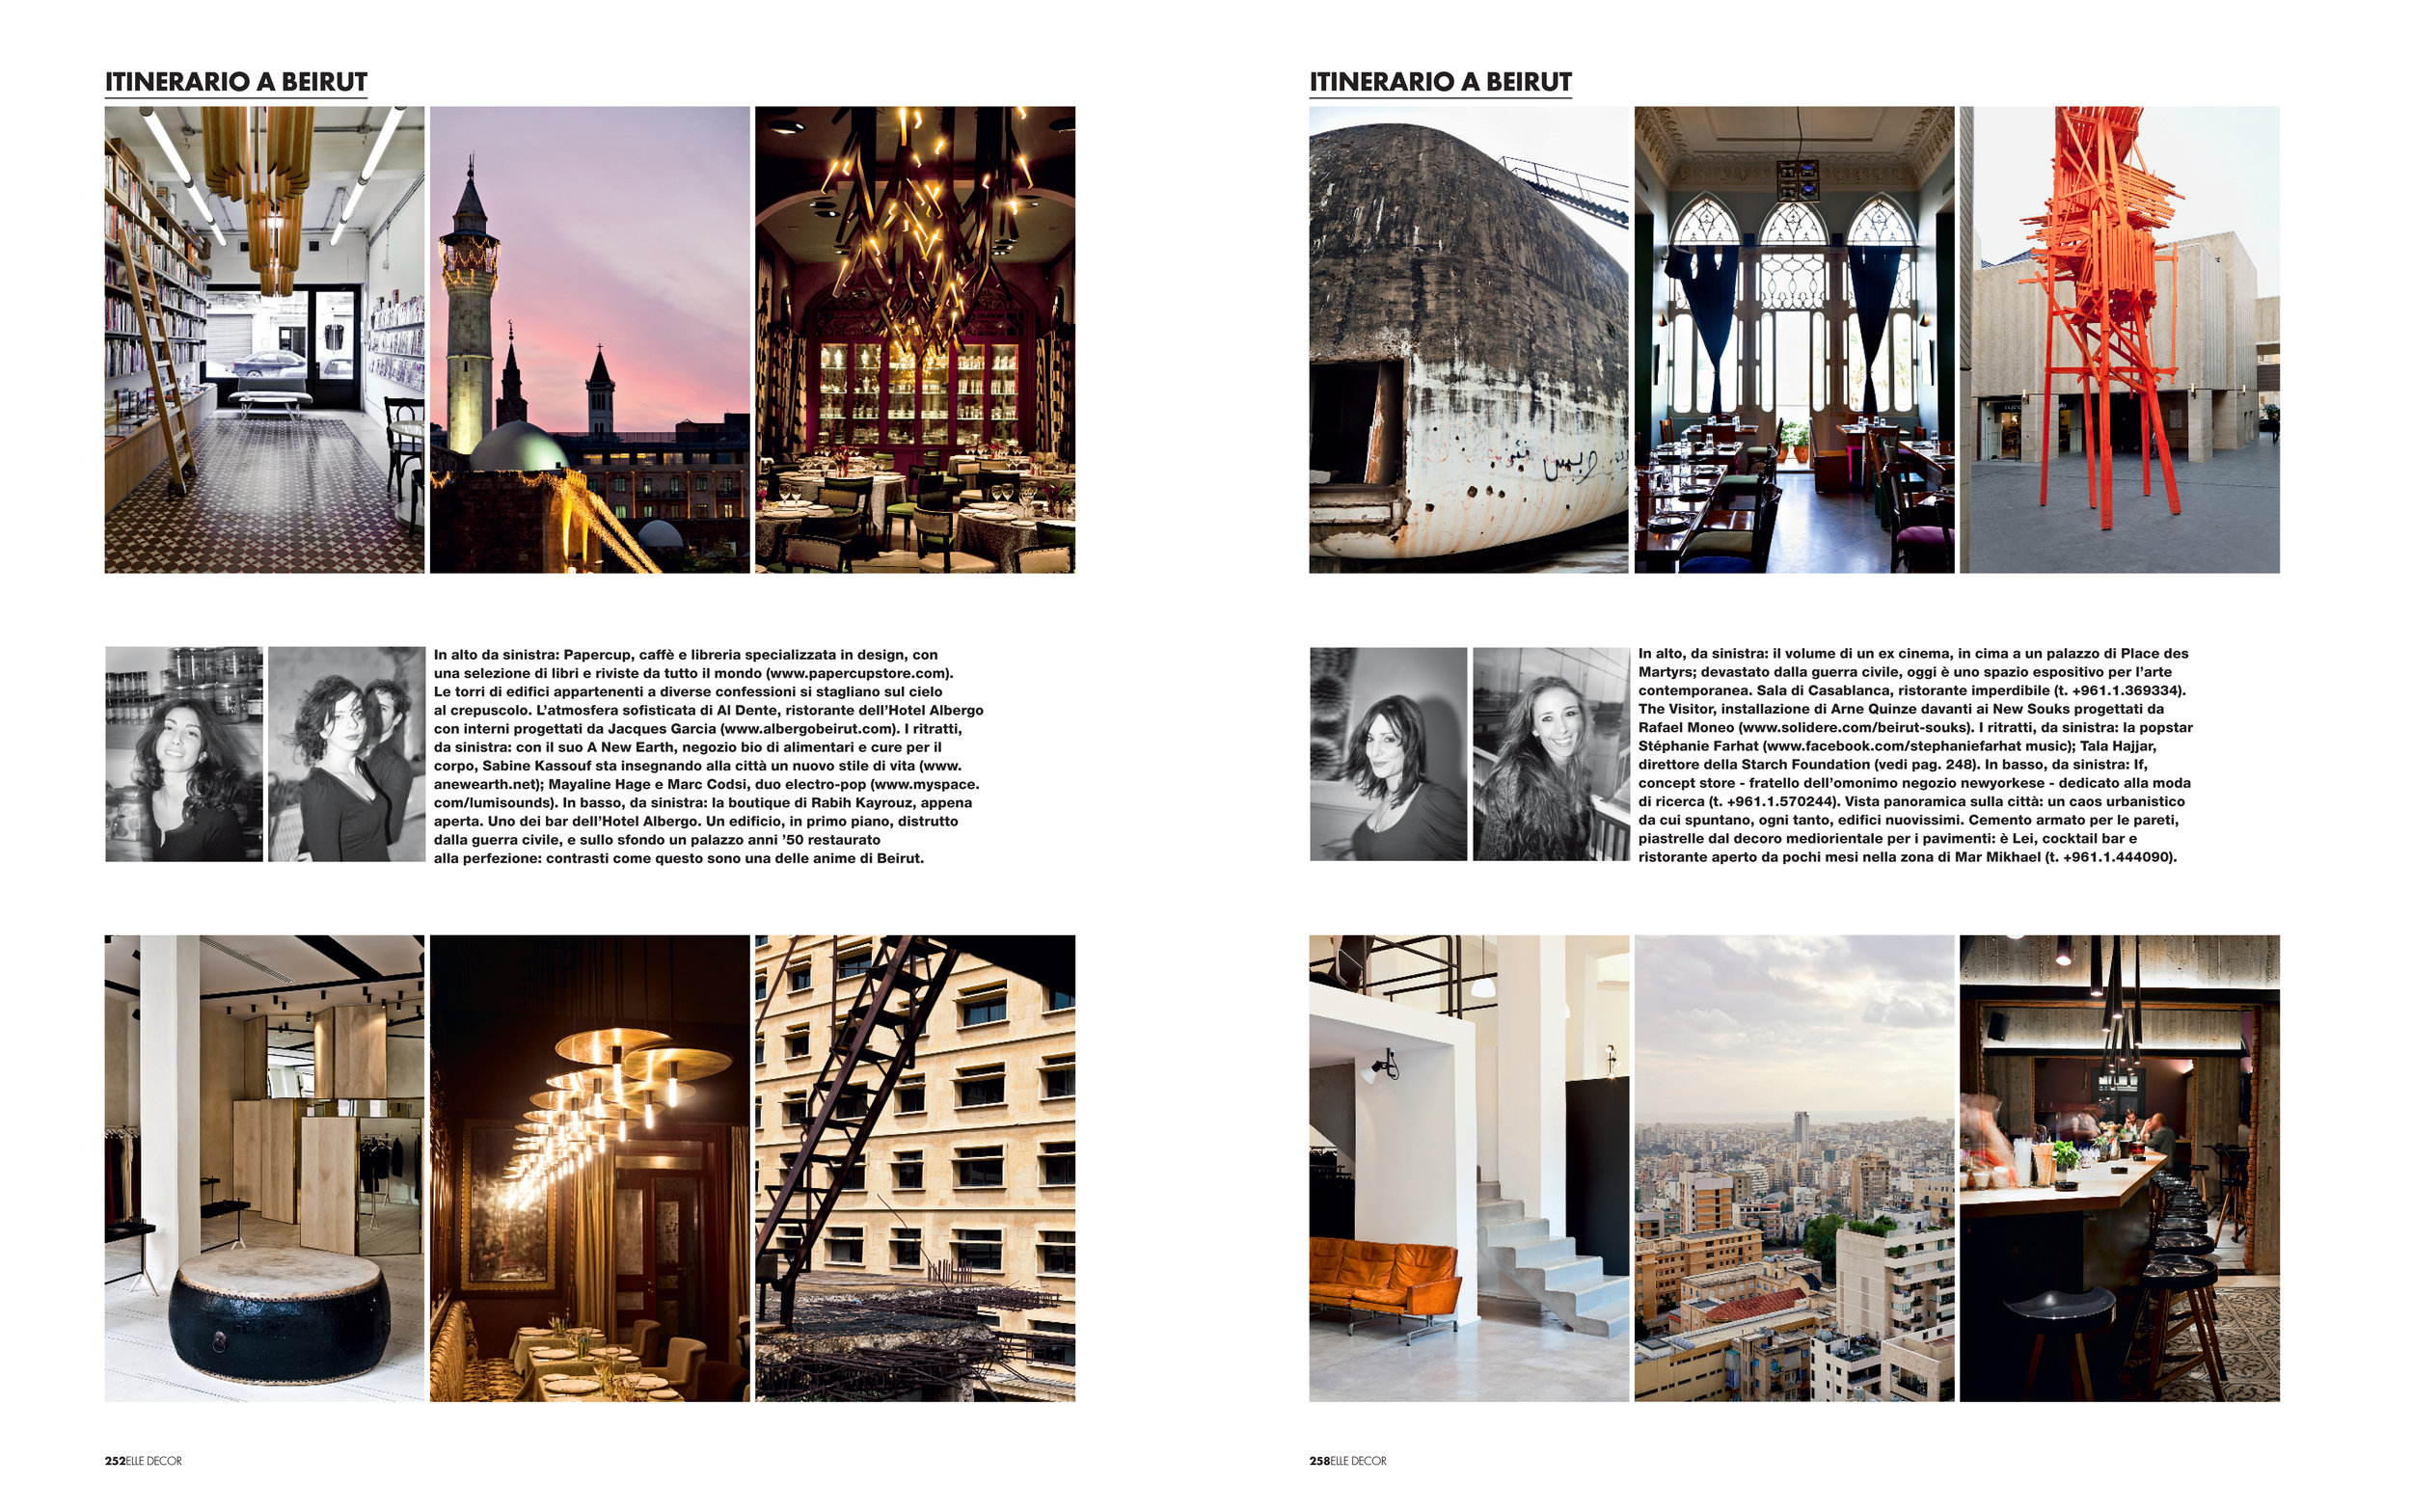 Beirut_Elle Decor Italia Apr2011_Spreadsheet01.jpg